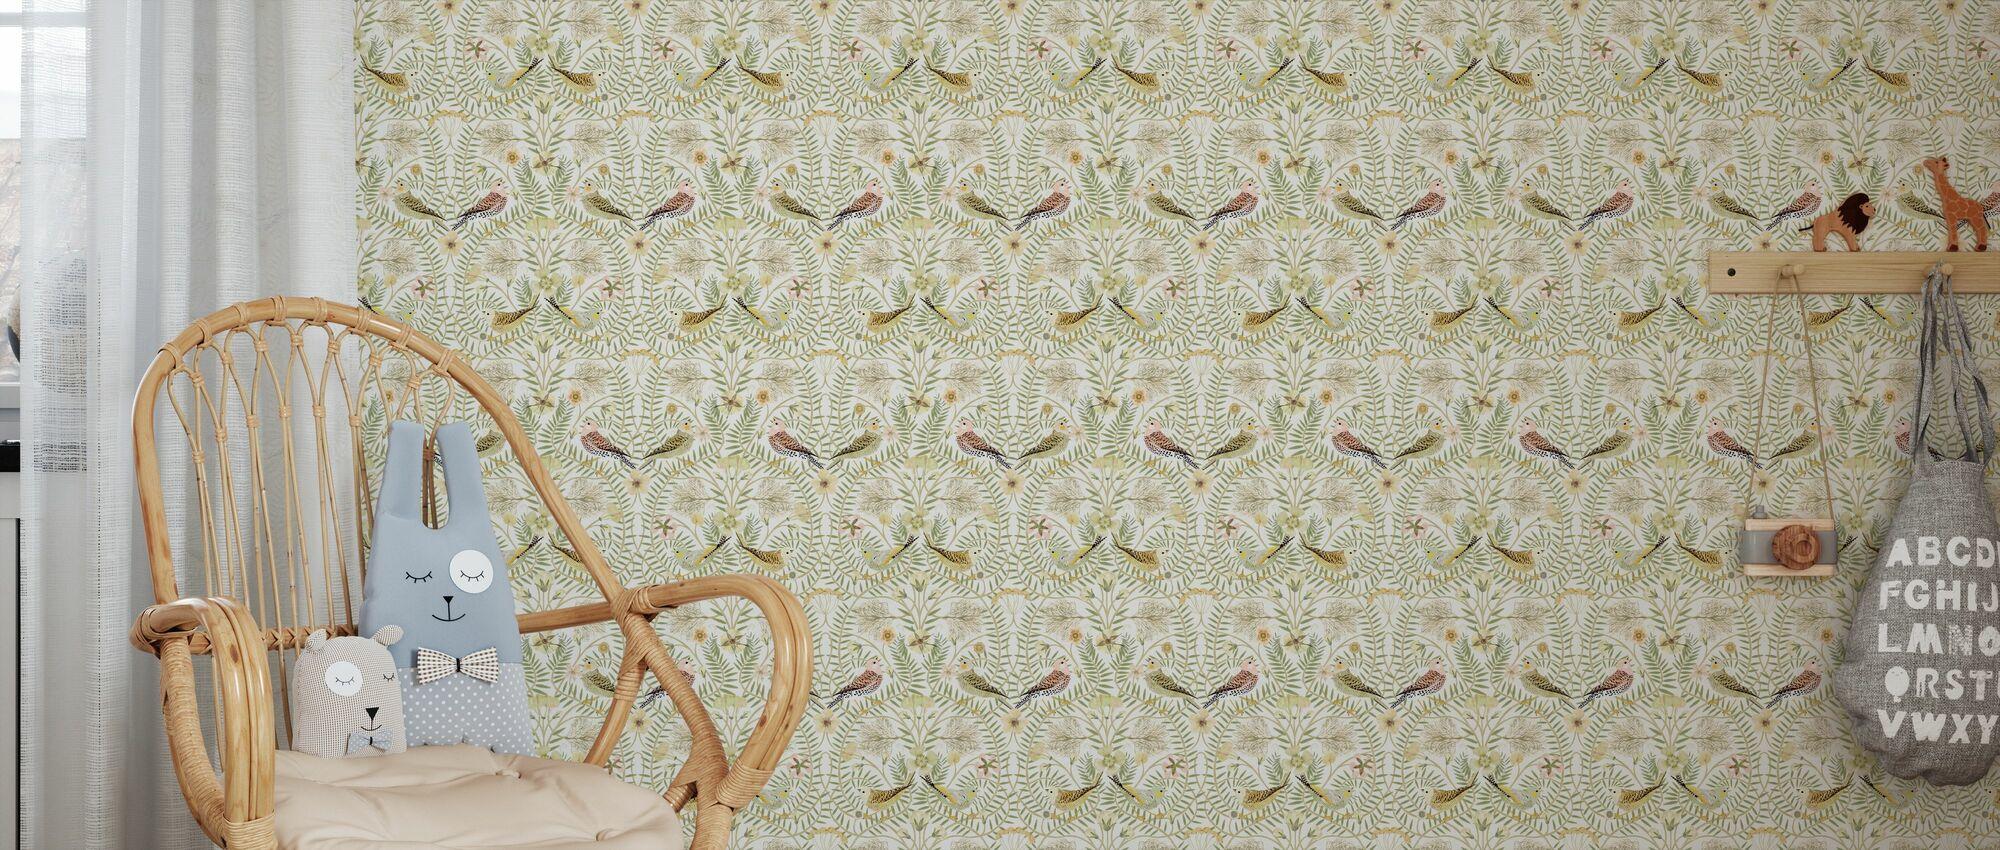 Birds Nest - White - Wallpaper - Kids Room